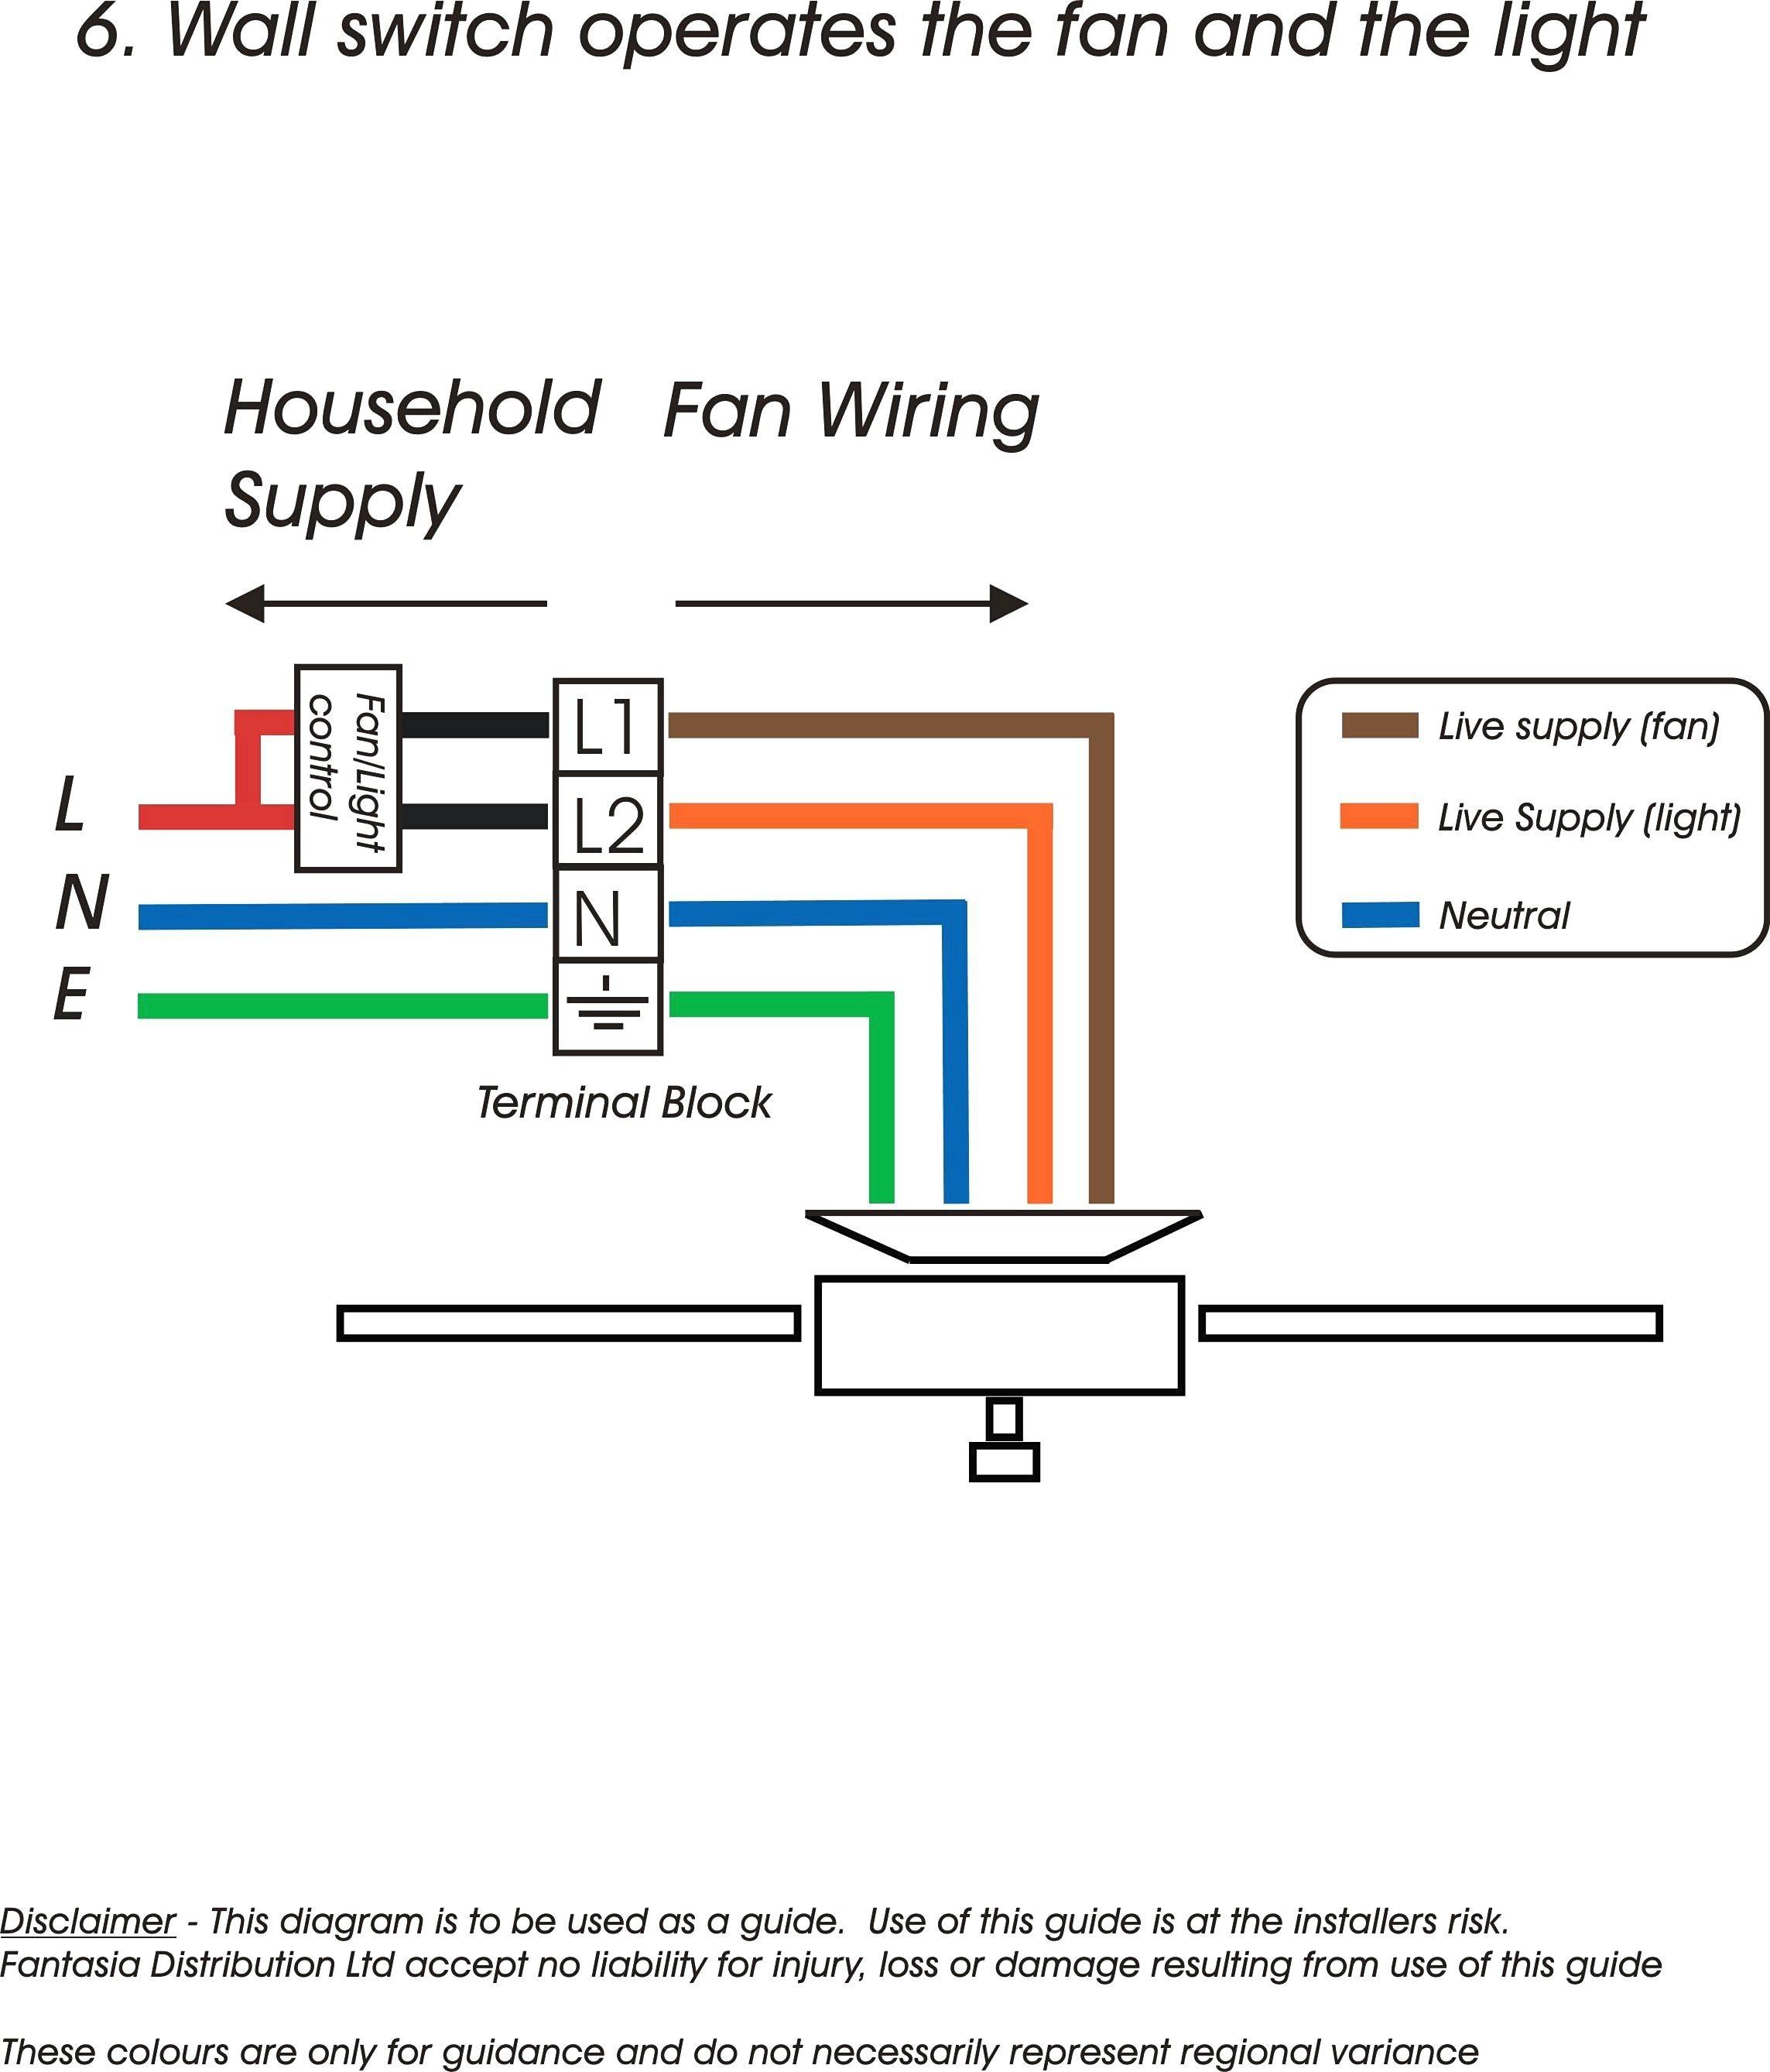 Led Tube Light Wiring Diagram Sample - Fluorescent Light Wiring Diagram